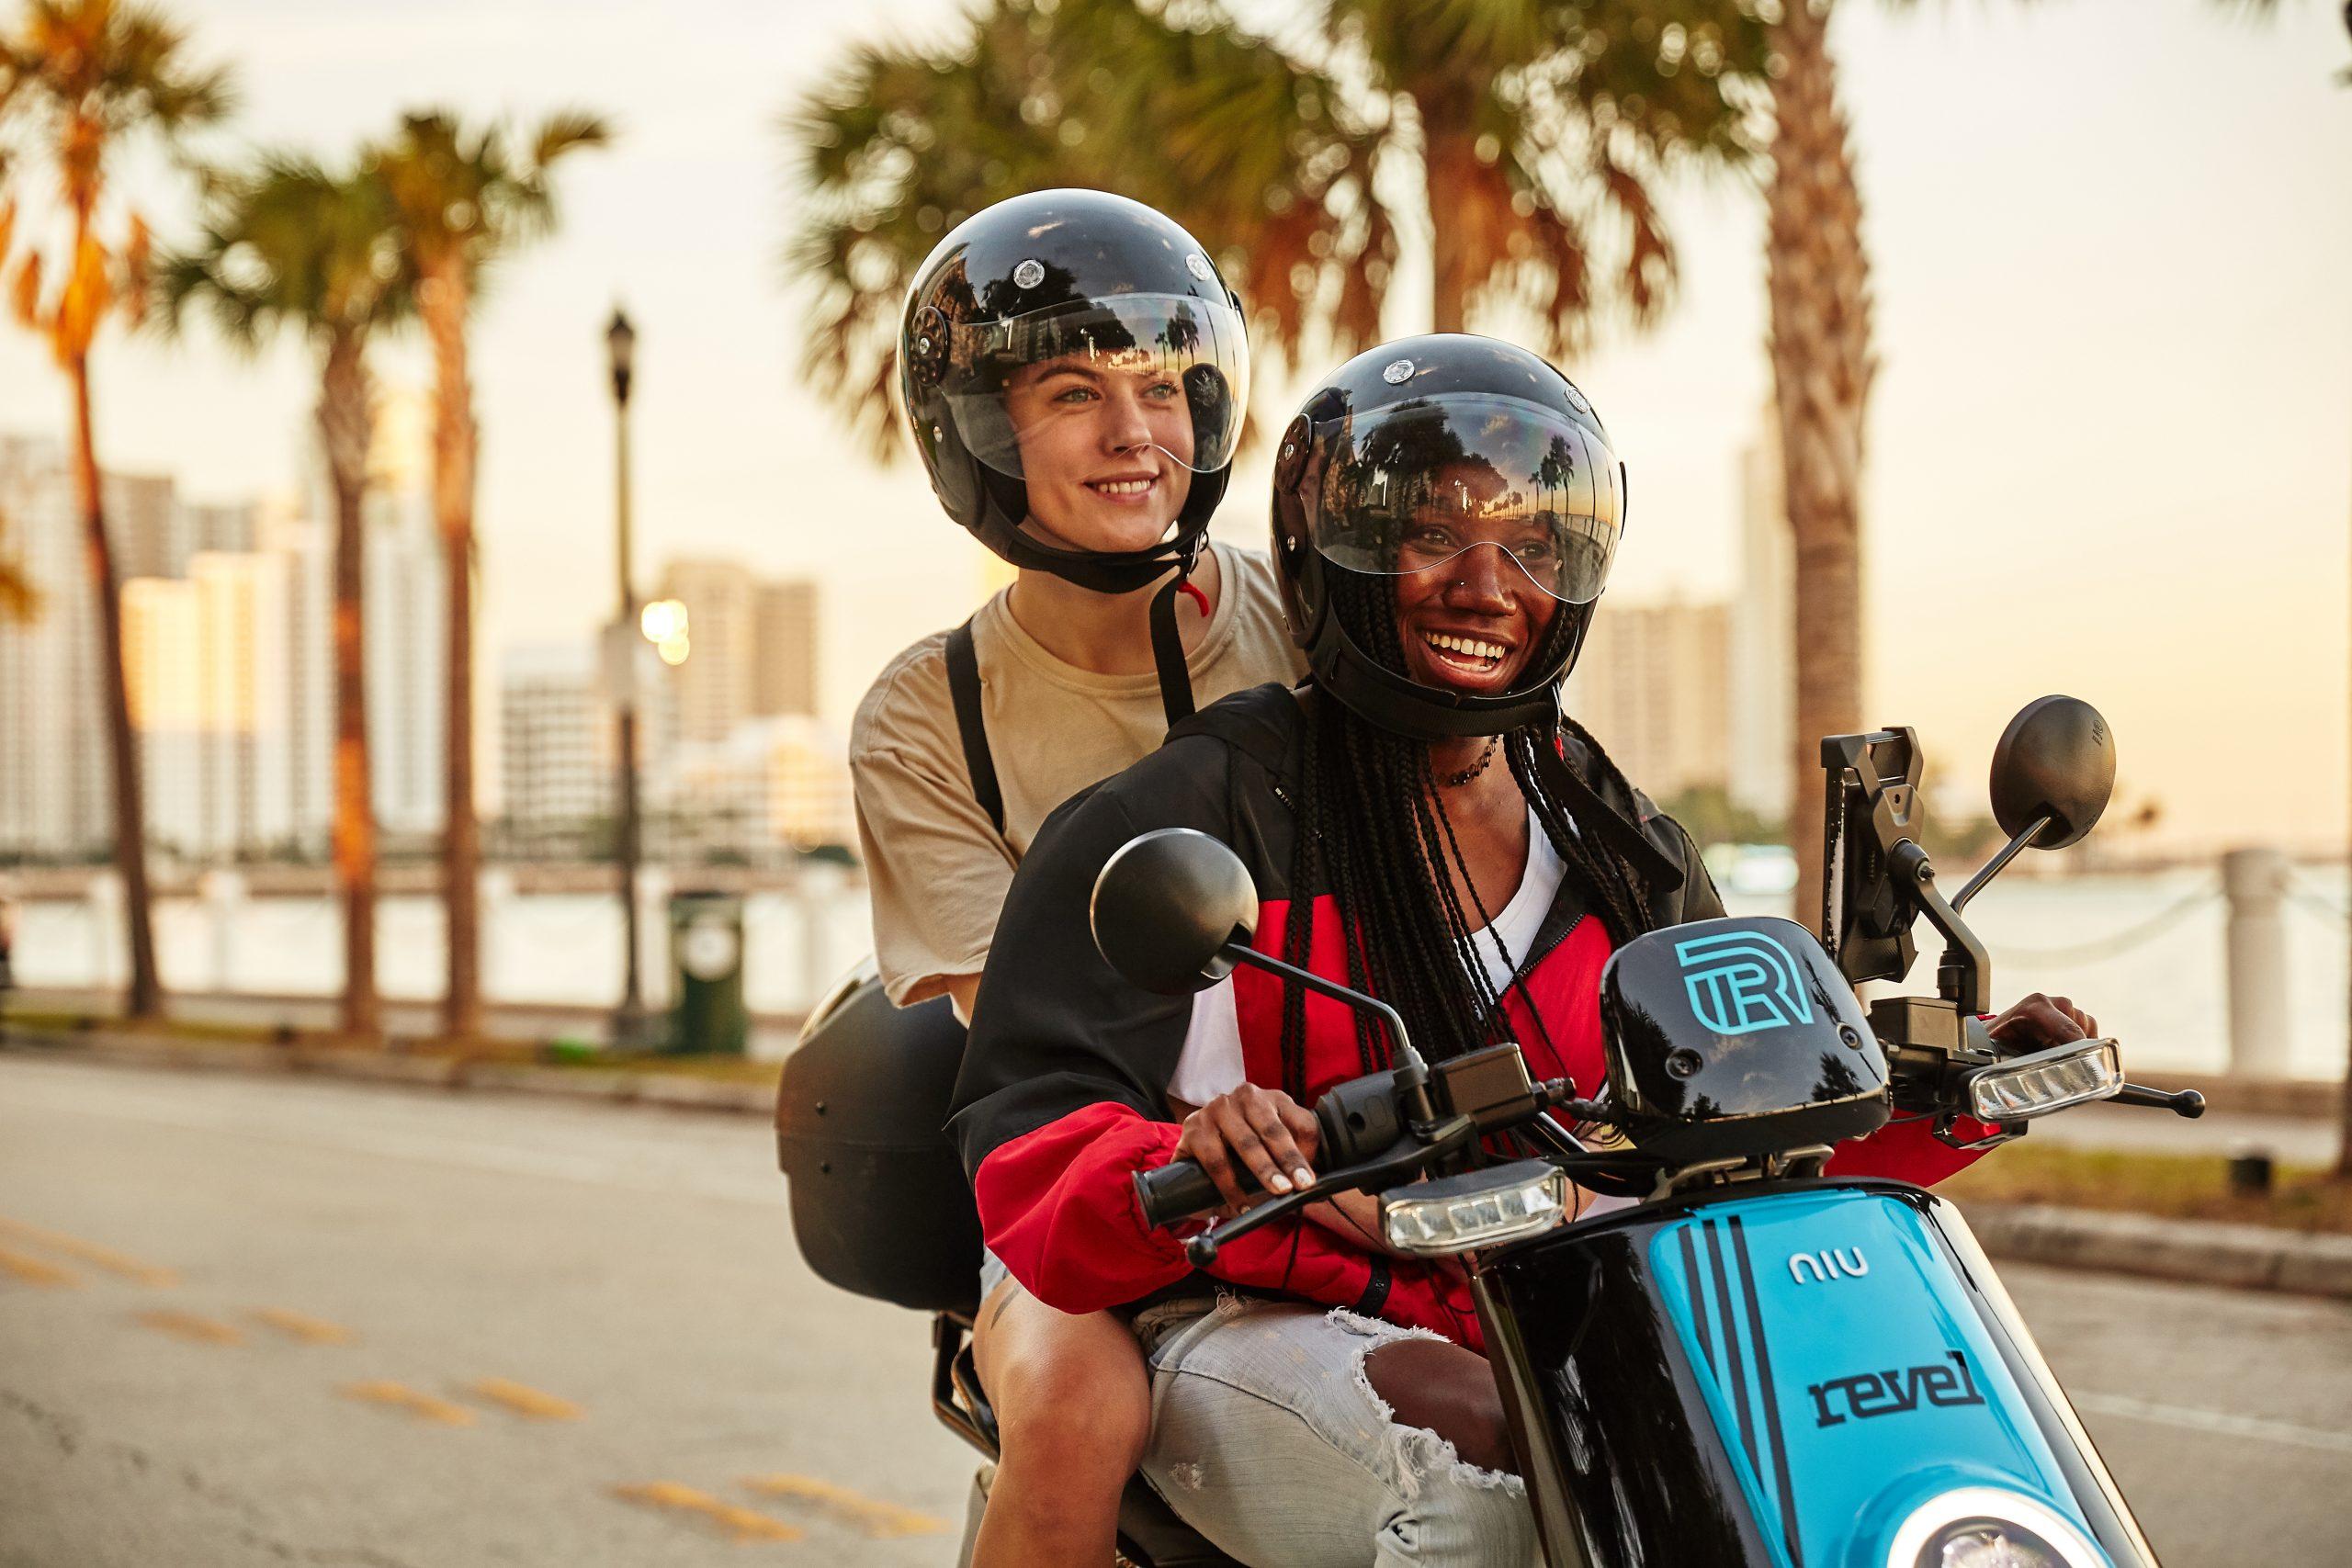 revel moped share